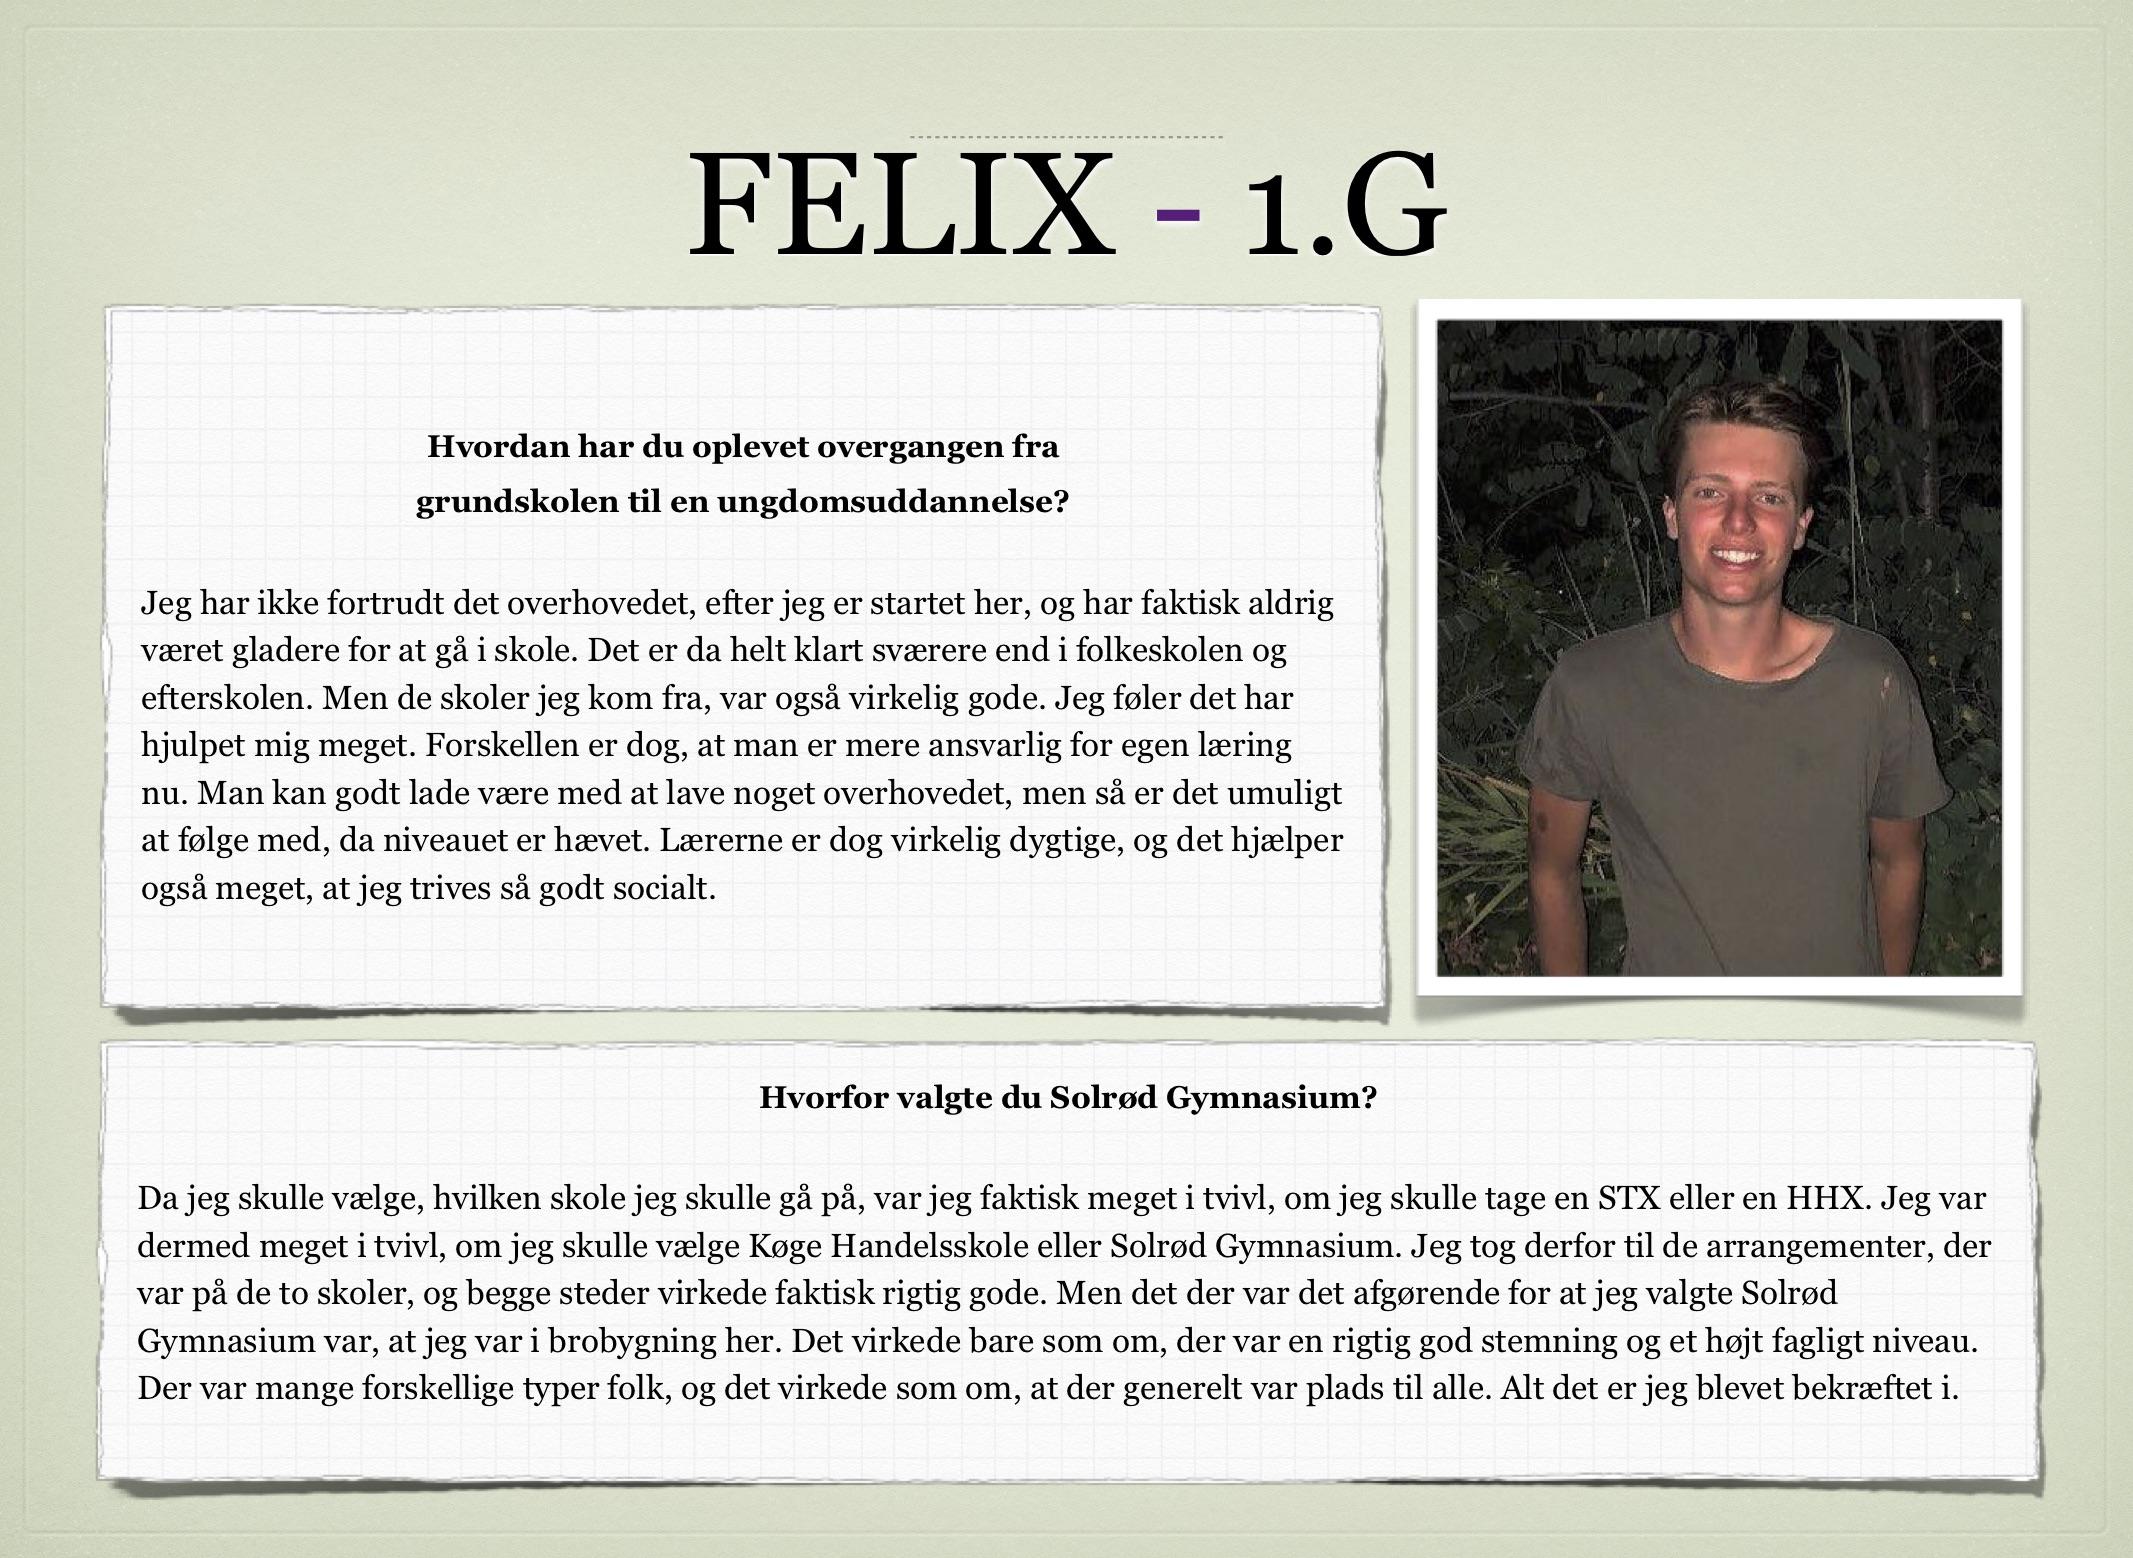 Kollage af Felix 1.G's udsagn